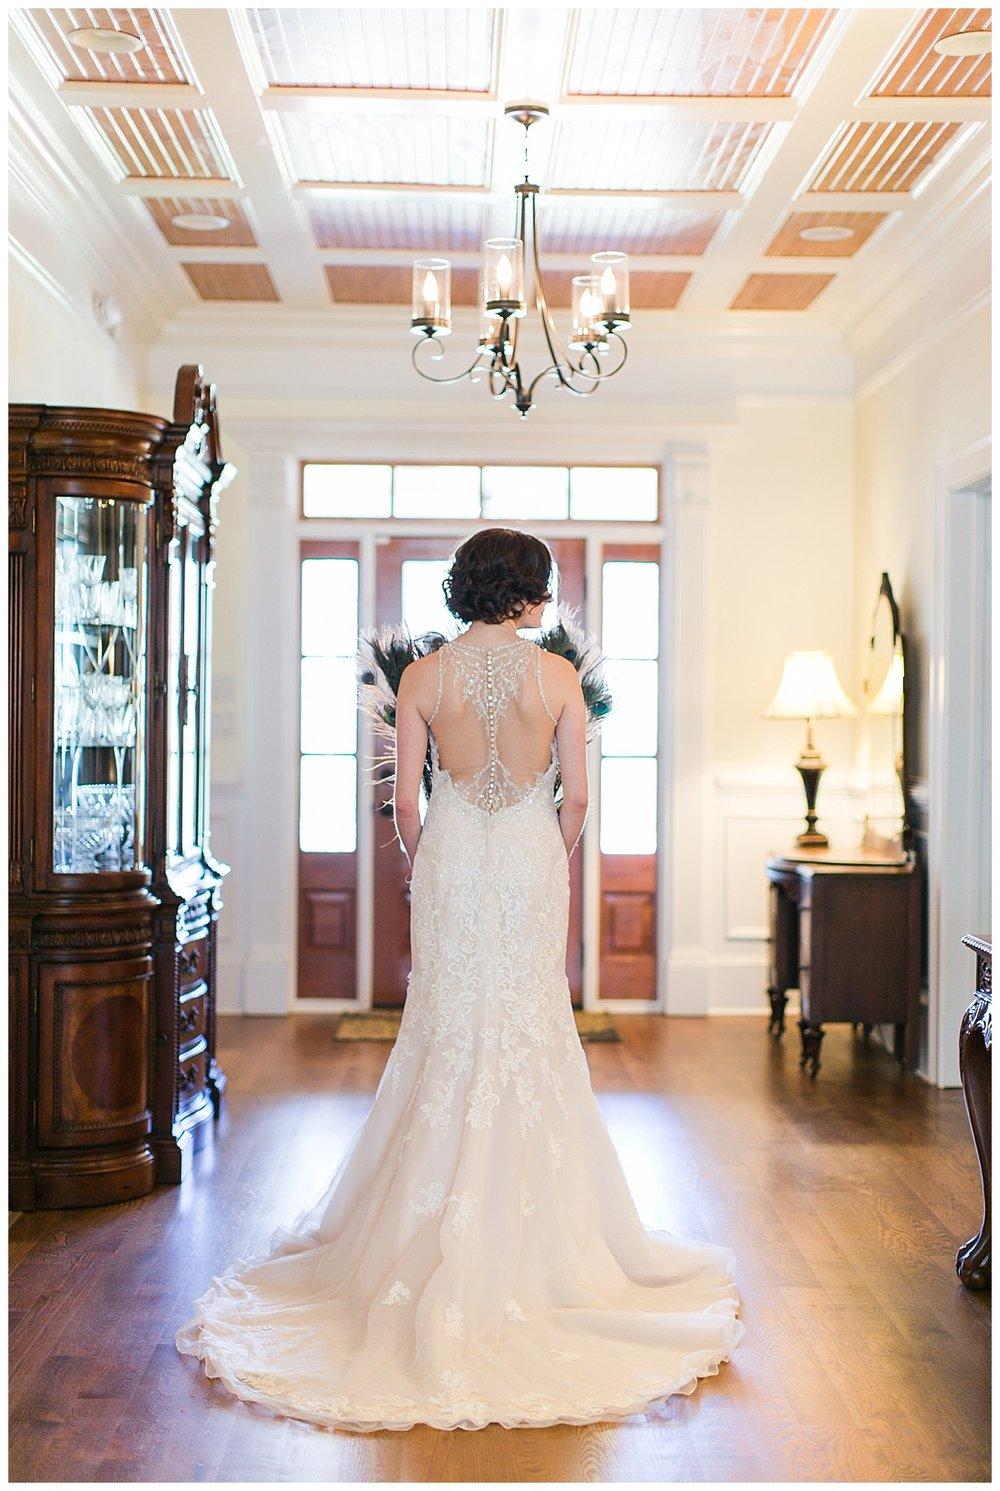 9_Oaks_Farm_The_Whitehouse_Monroe_Ga_Wedding_Photograpehrs_0022.jpg